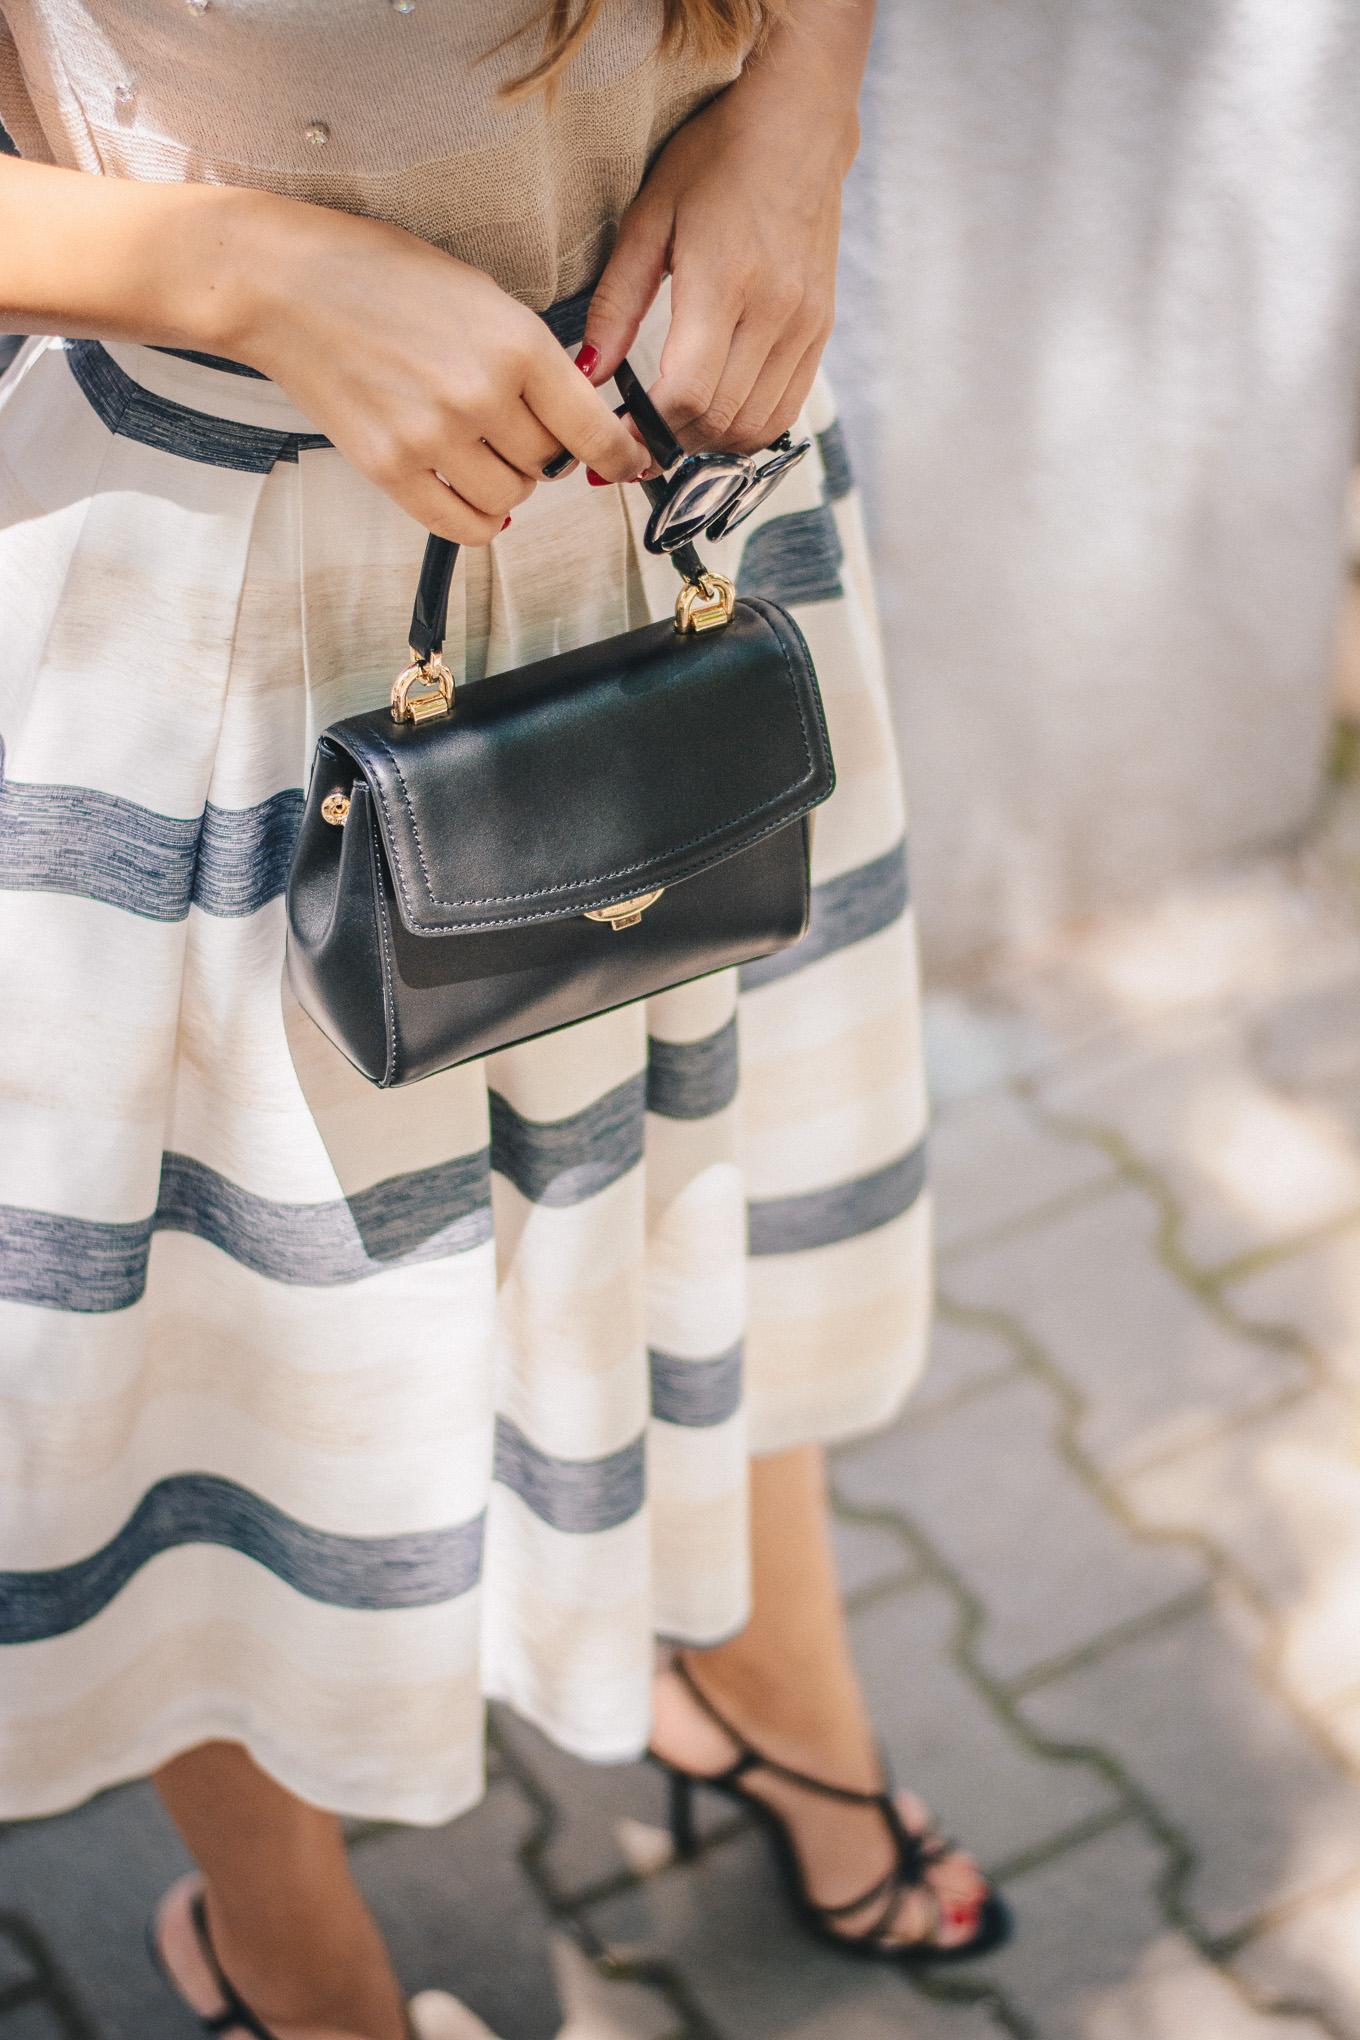 Michael Kors little hand bag